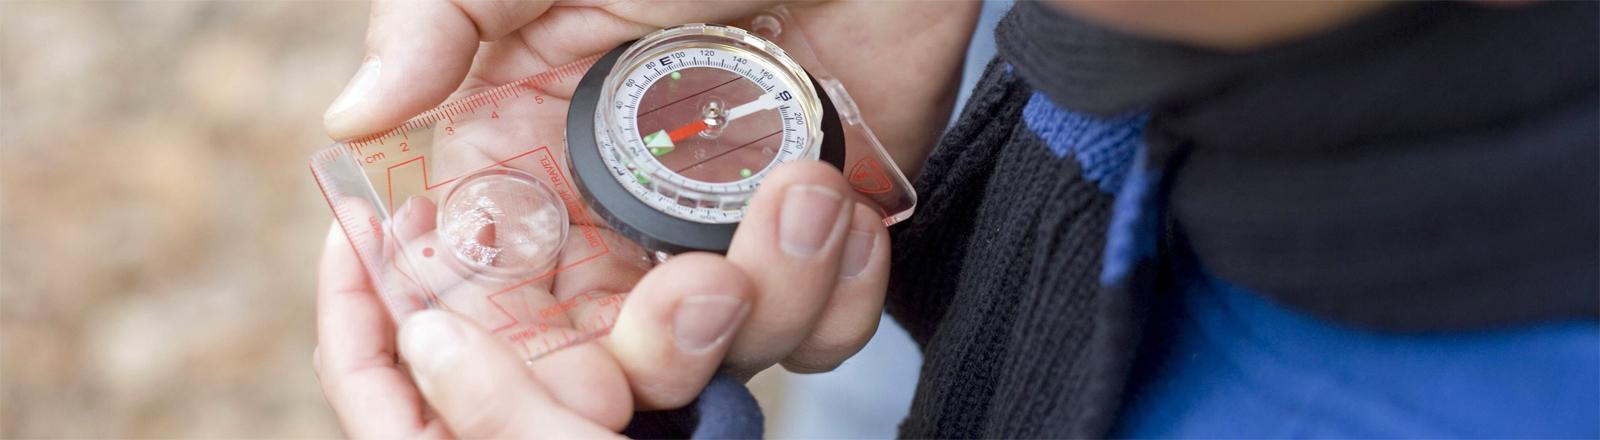 Eine störanfällige Orientierungshilfe: Magnetkompass im Einsatz